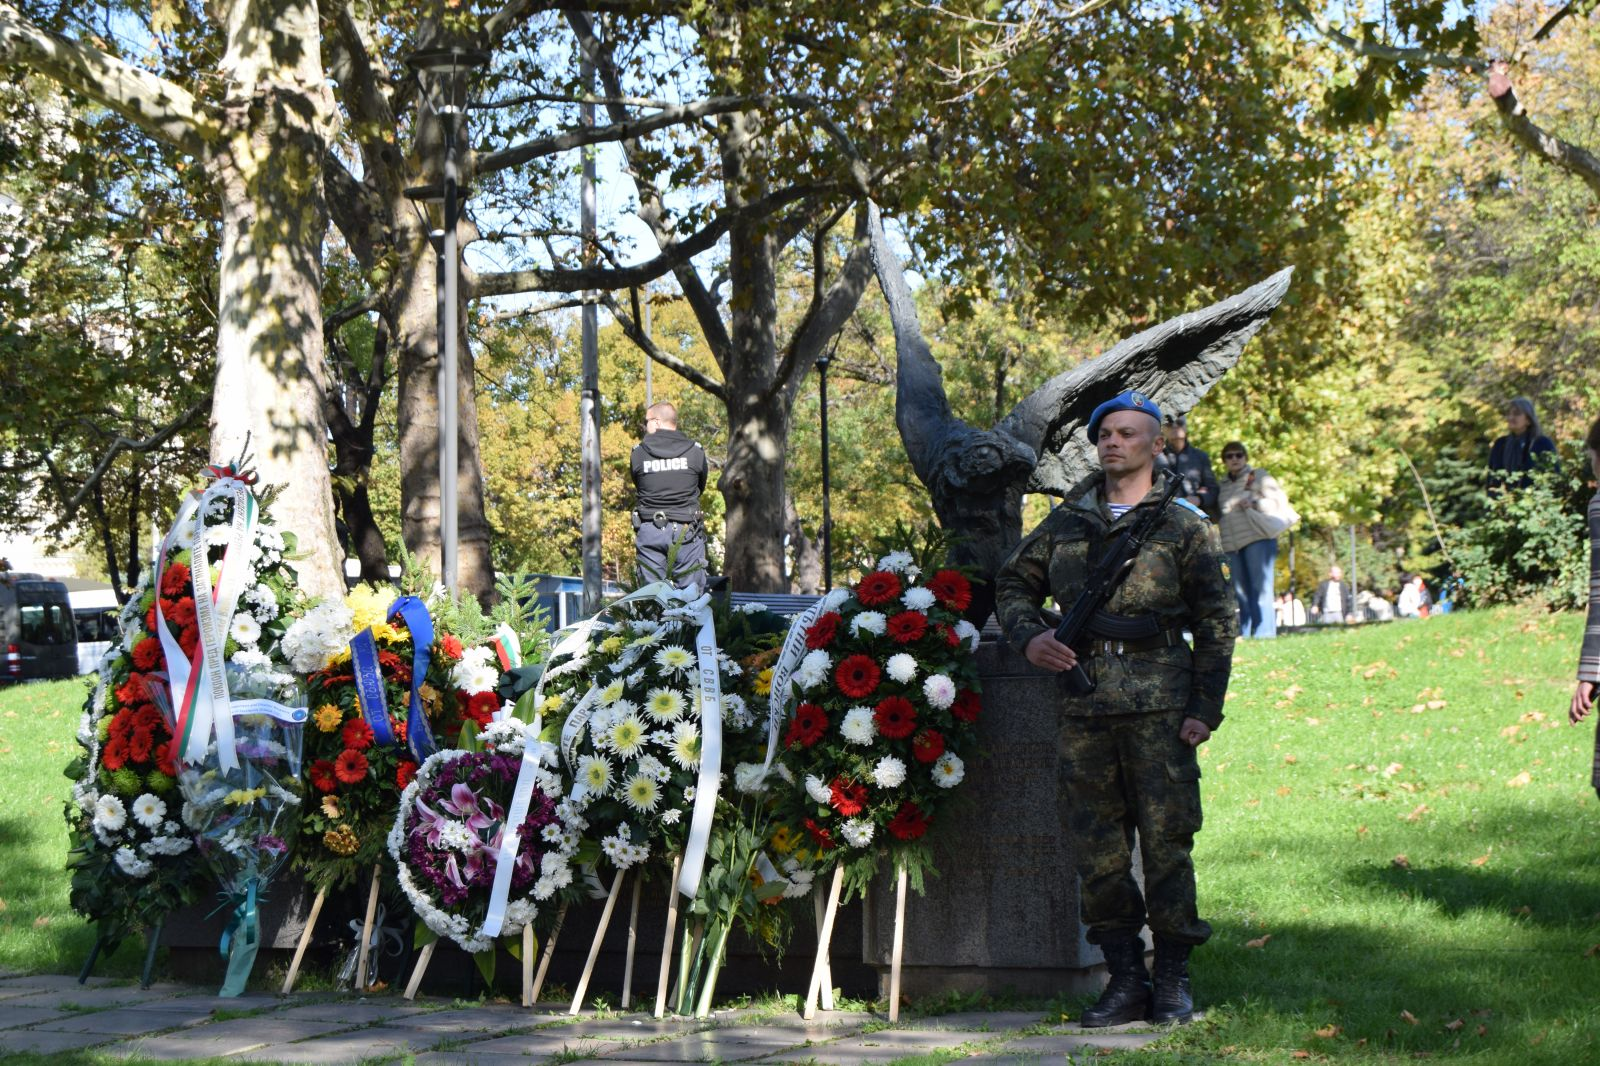 18 октомври - Празник на военния парашутист. СКСО - почит към първопроходците, уверено развитие и светло бъдеще (ГОЛЯМА ПРАЗНИЧНА ГАЛЕРИЯ)